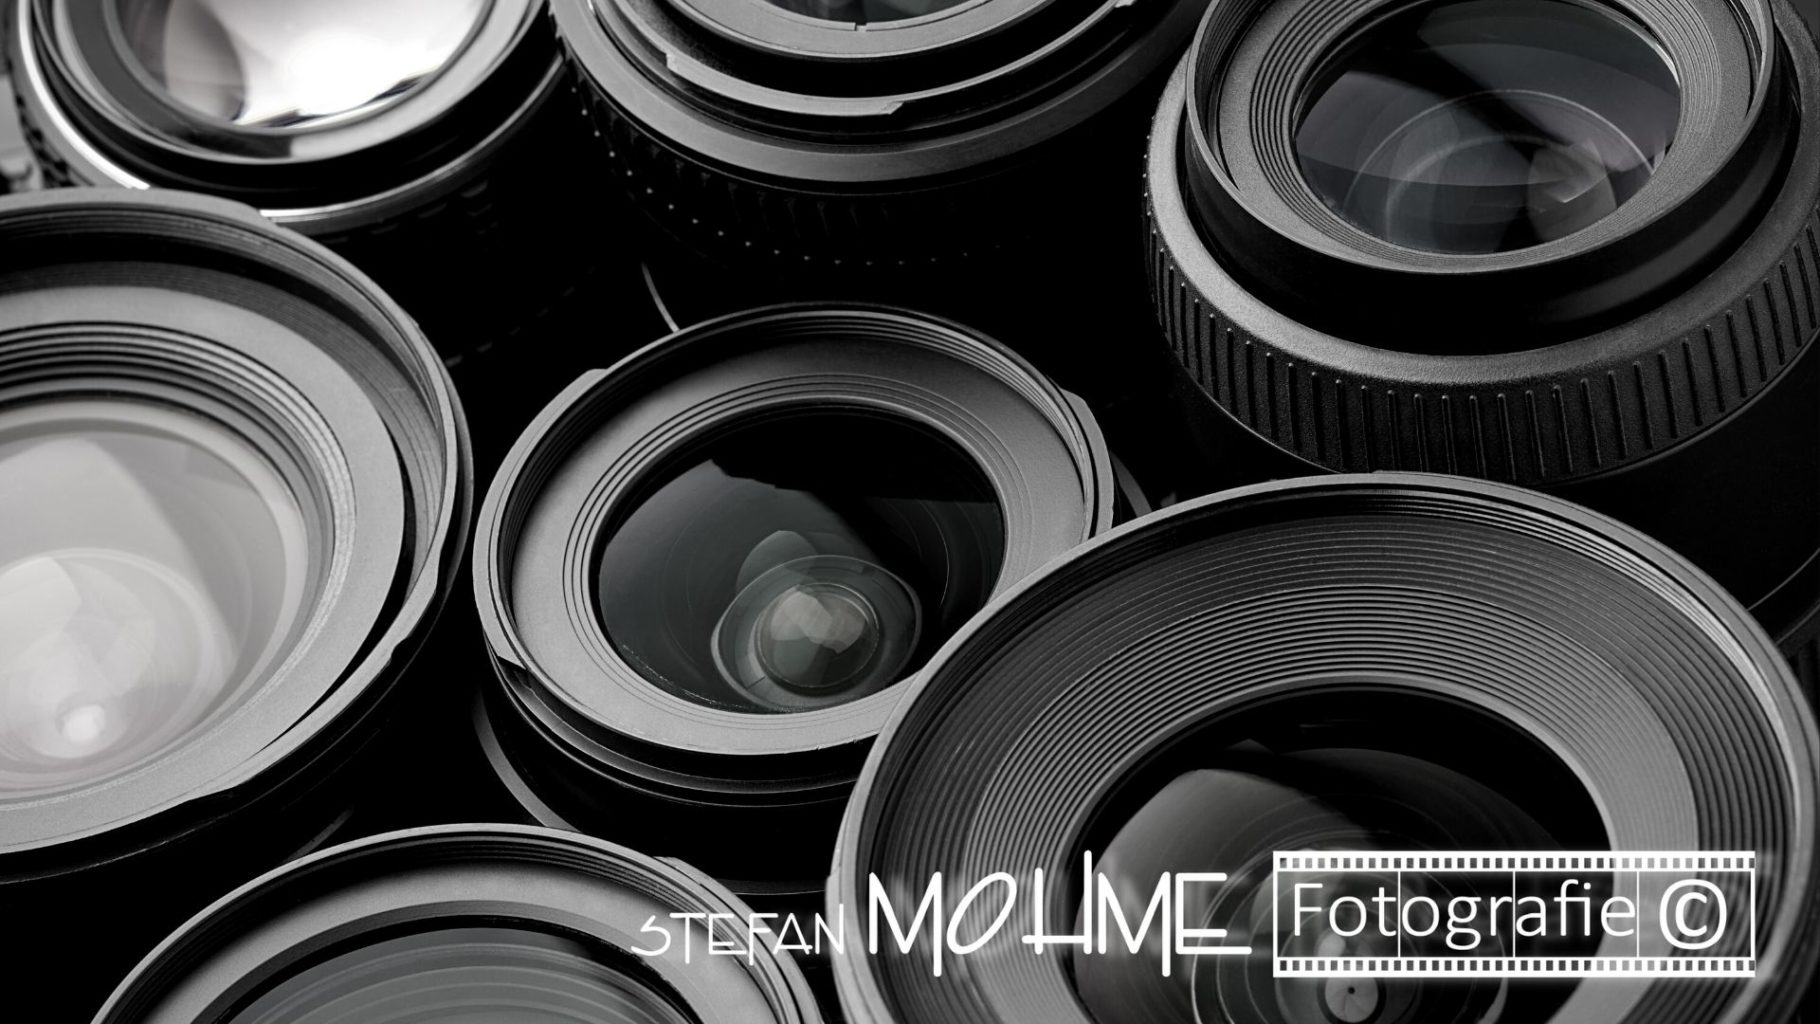 Objektive, diverse,schwarzweiss, frontlinsen